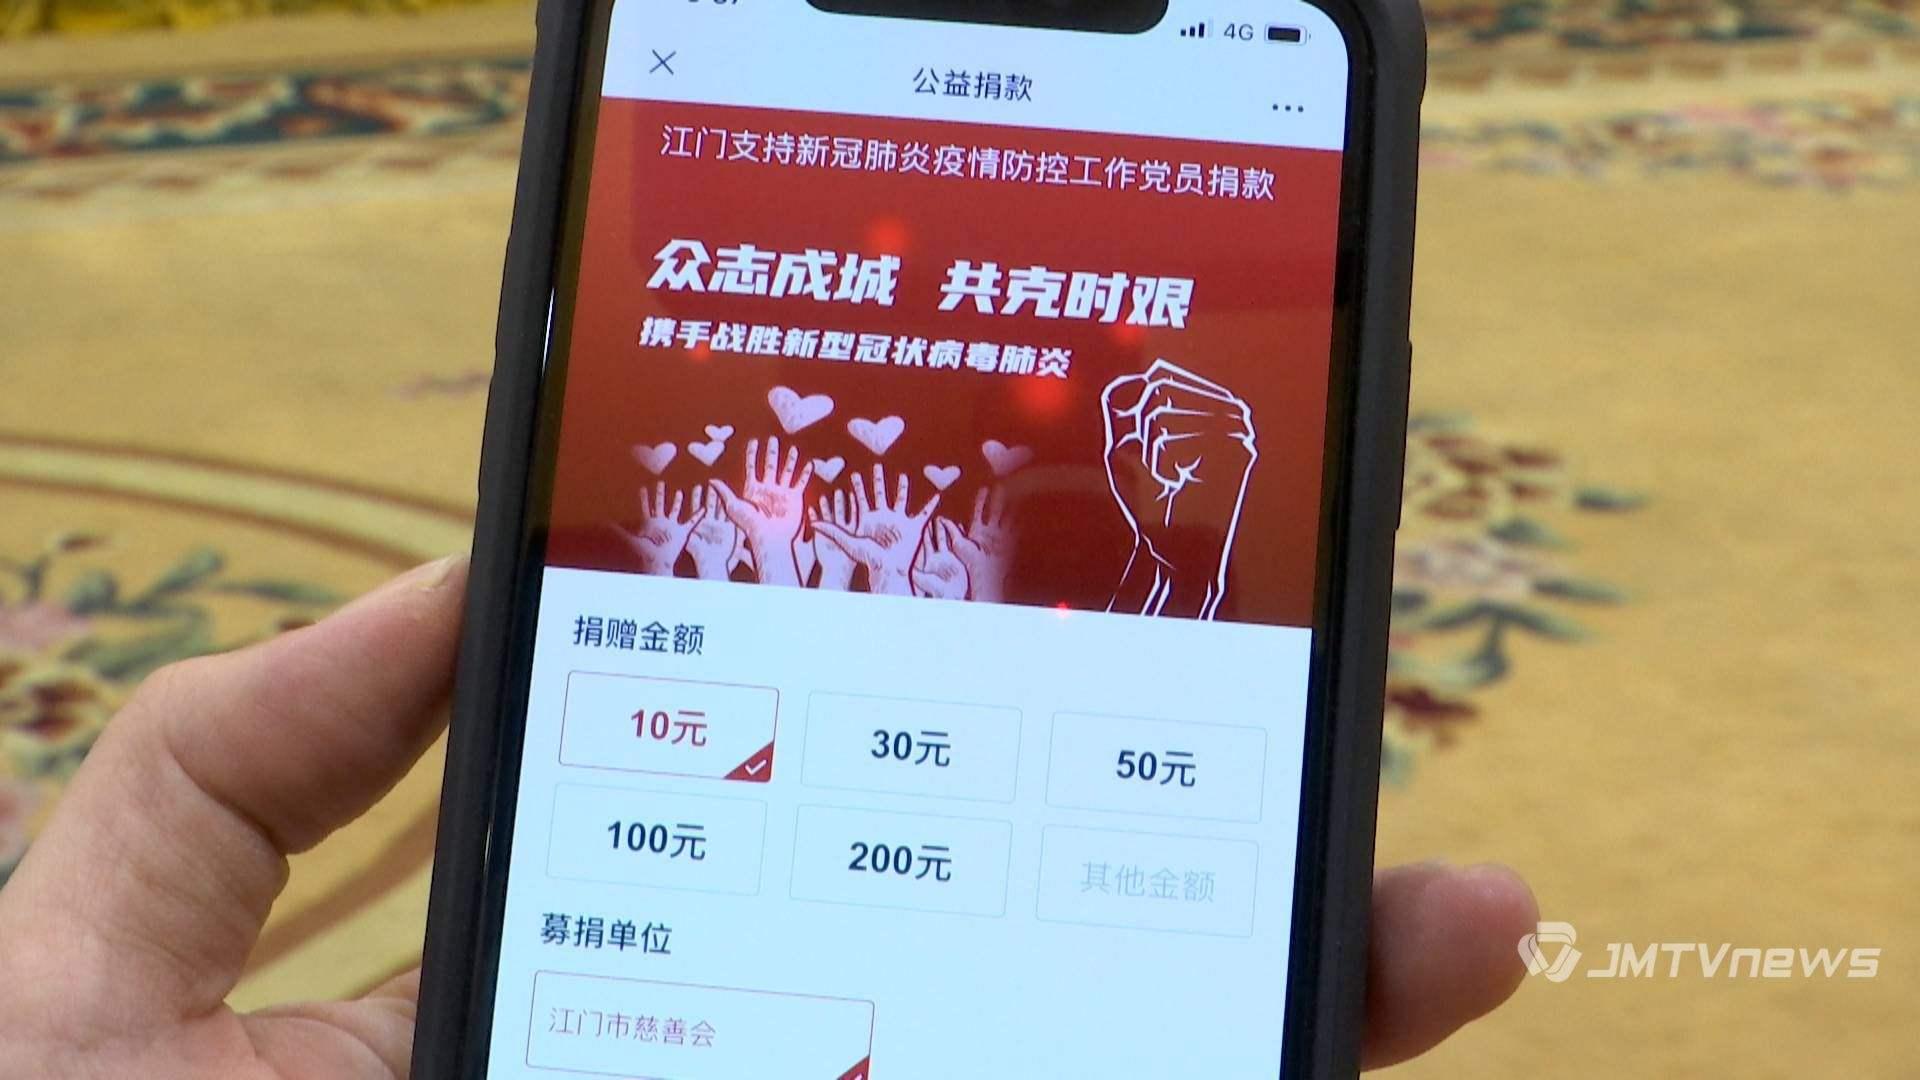 江门逾13万名党员线上捐款1400万